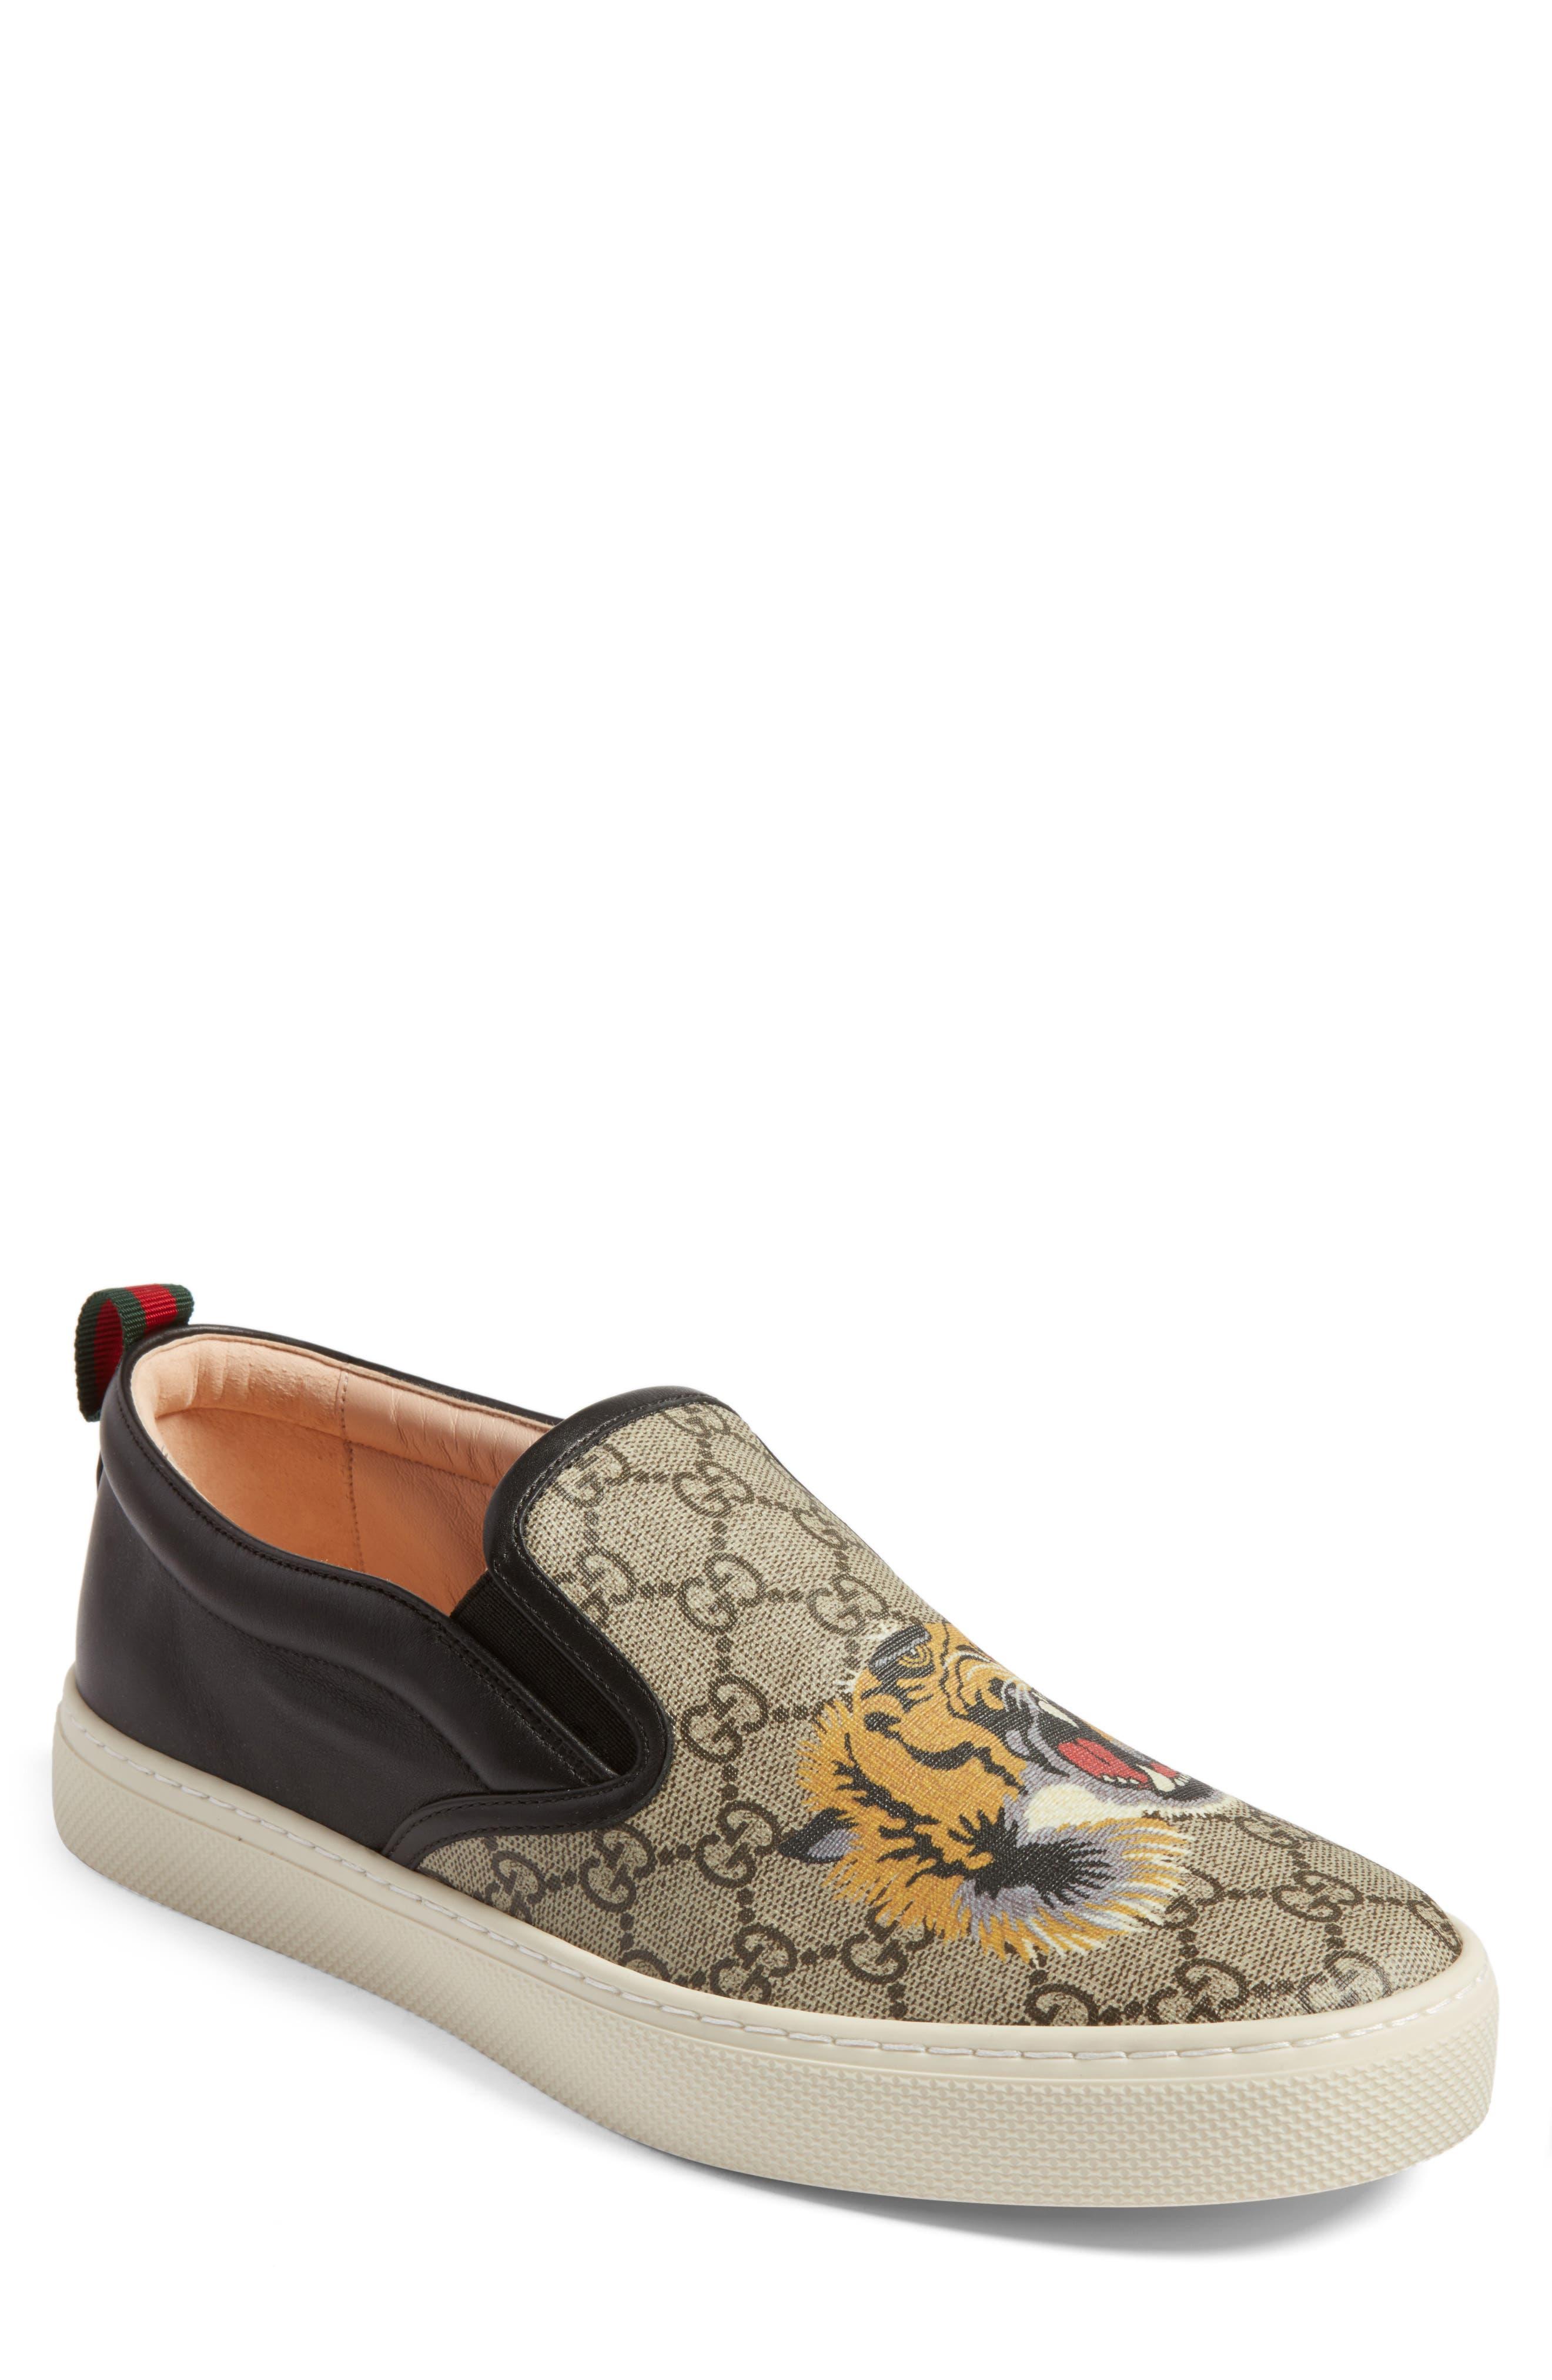 Mens Beige Gucci Shoes